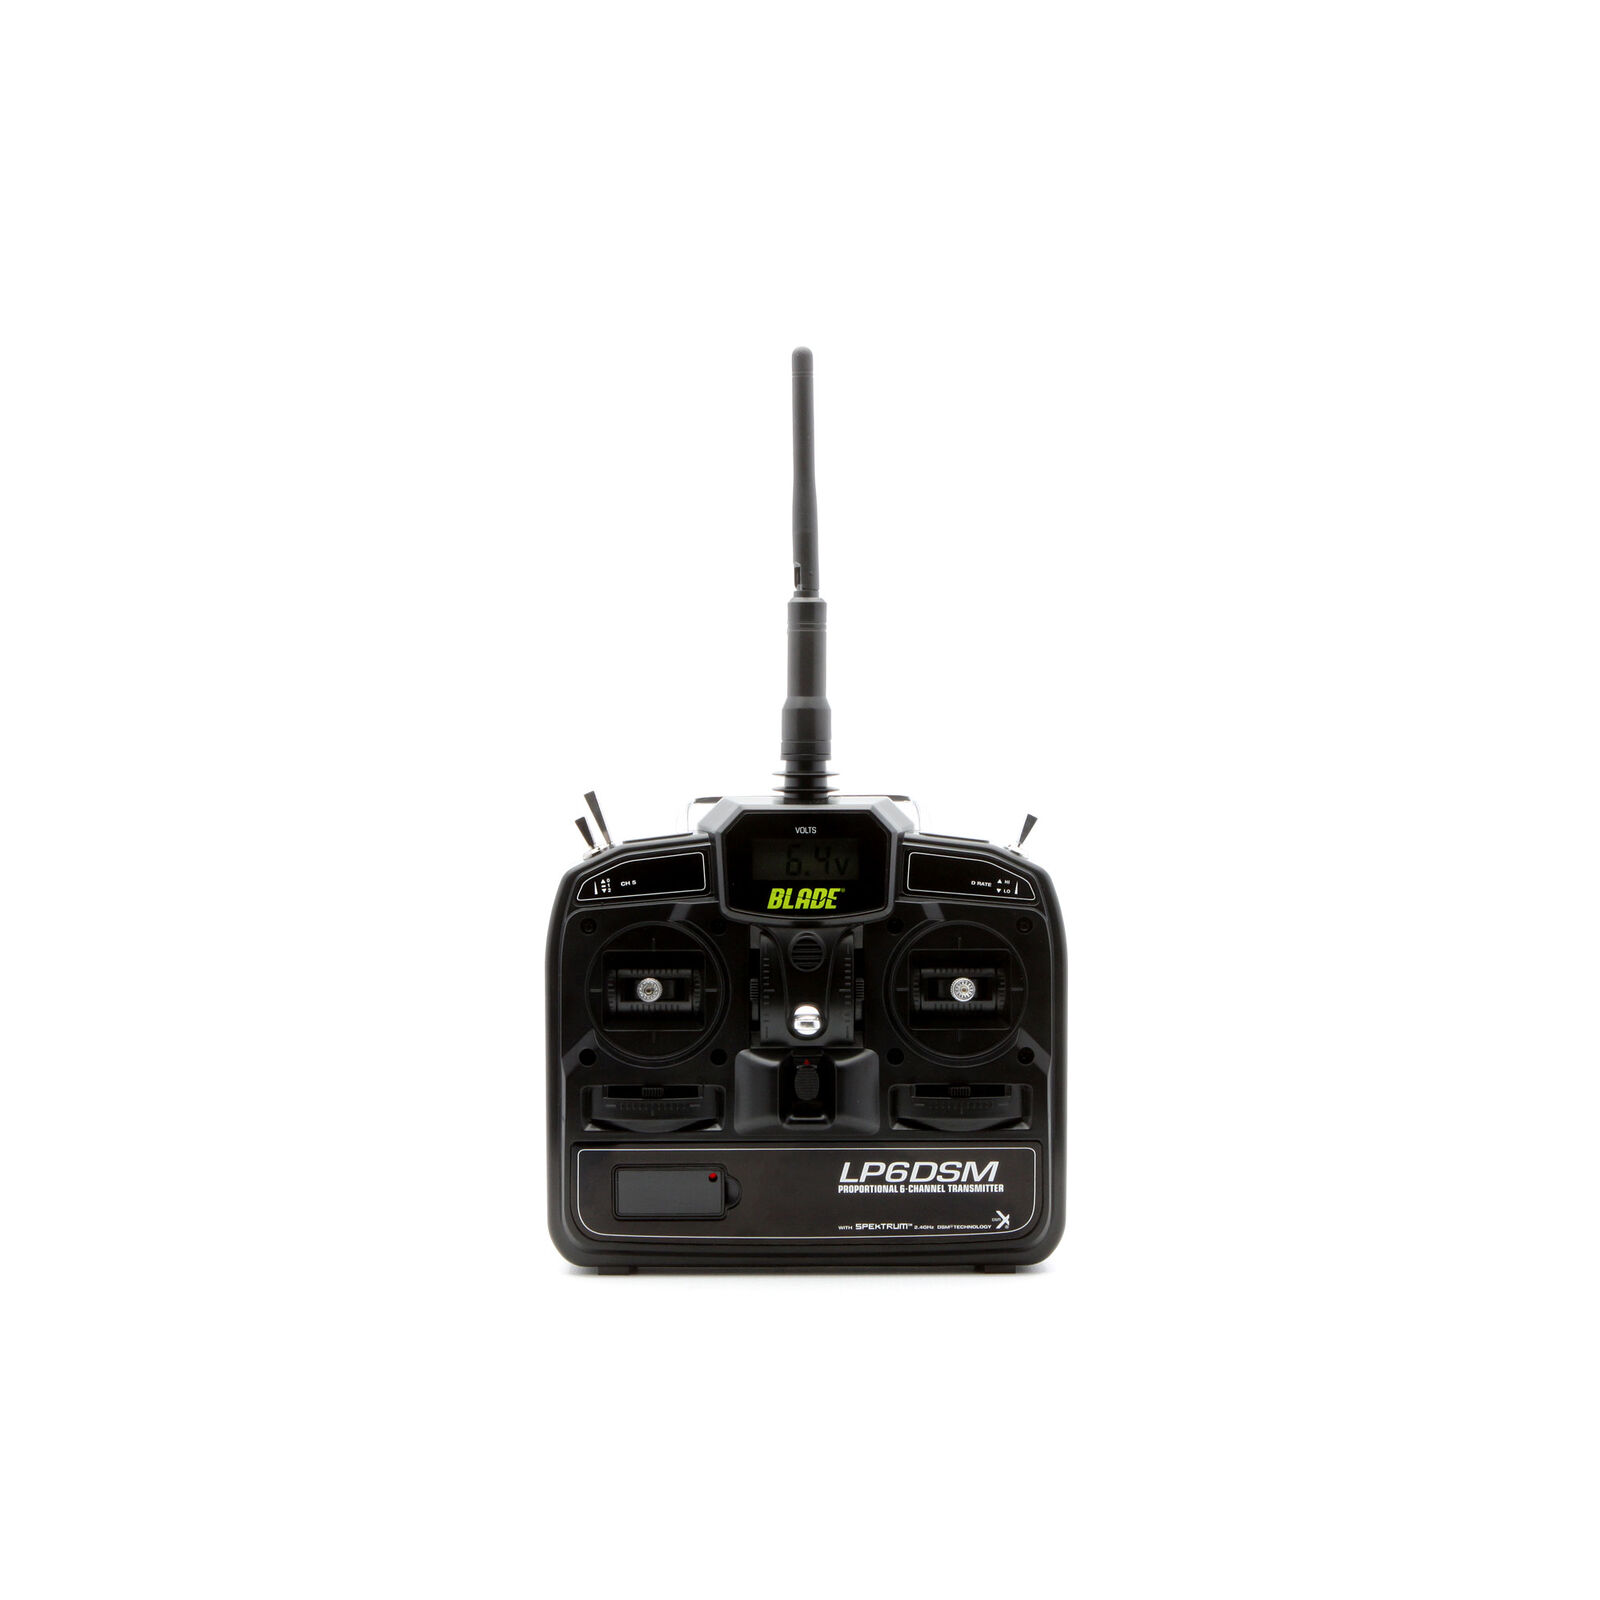 LP6DSM Transmitter: 200 SR X